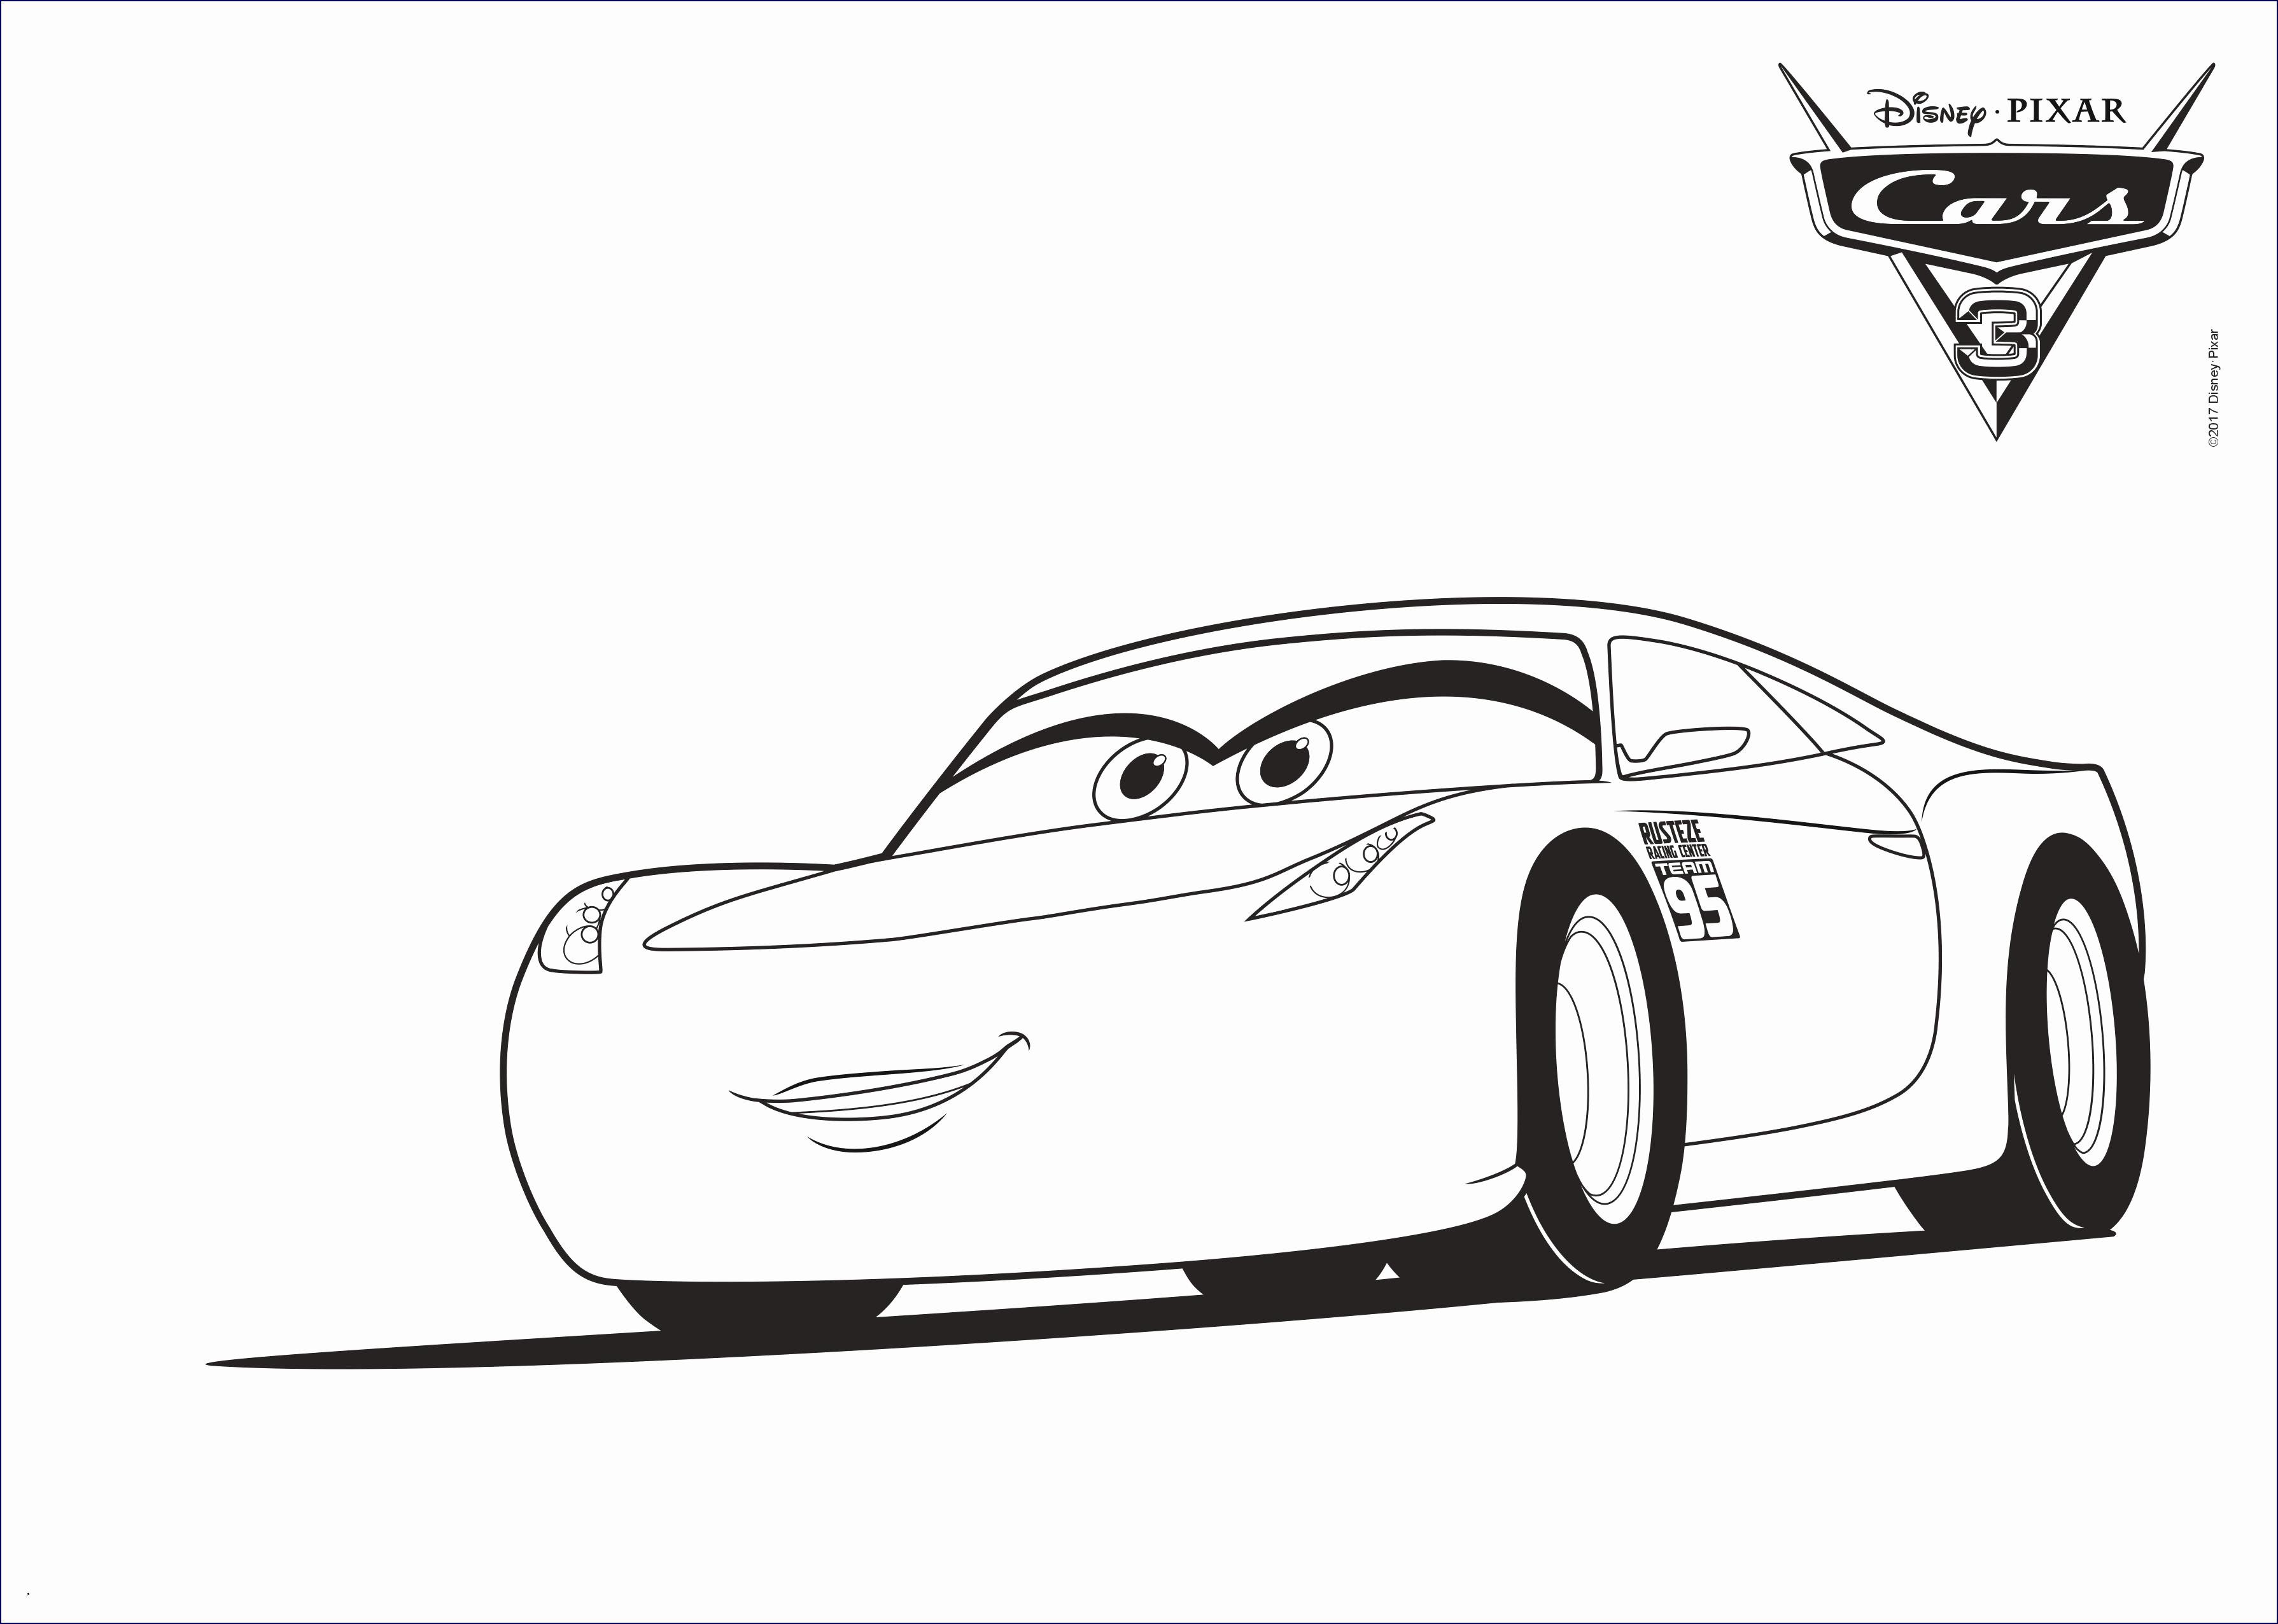 Ausmalbilder Autos Lamborghini Inspirierend 52 Beispiel Cars Ausmalbilder Lightning Mcqueen Treehouse Nyc Sammlung